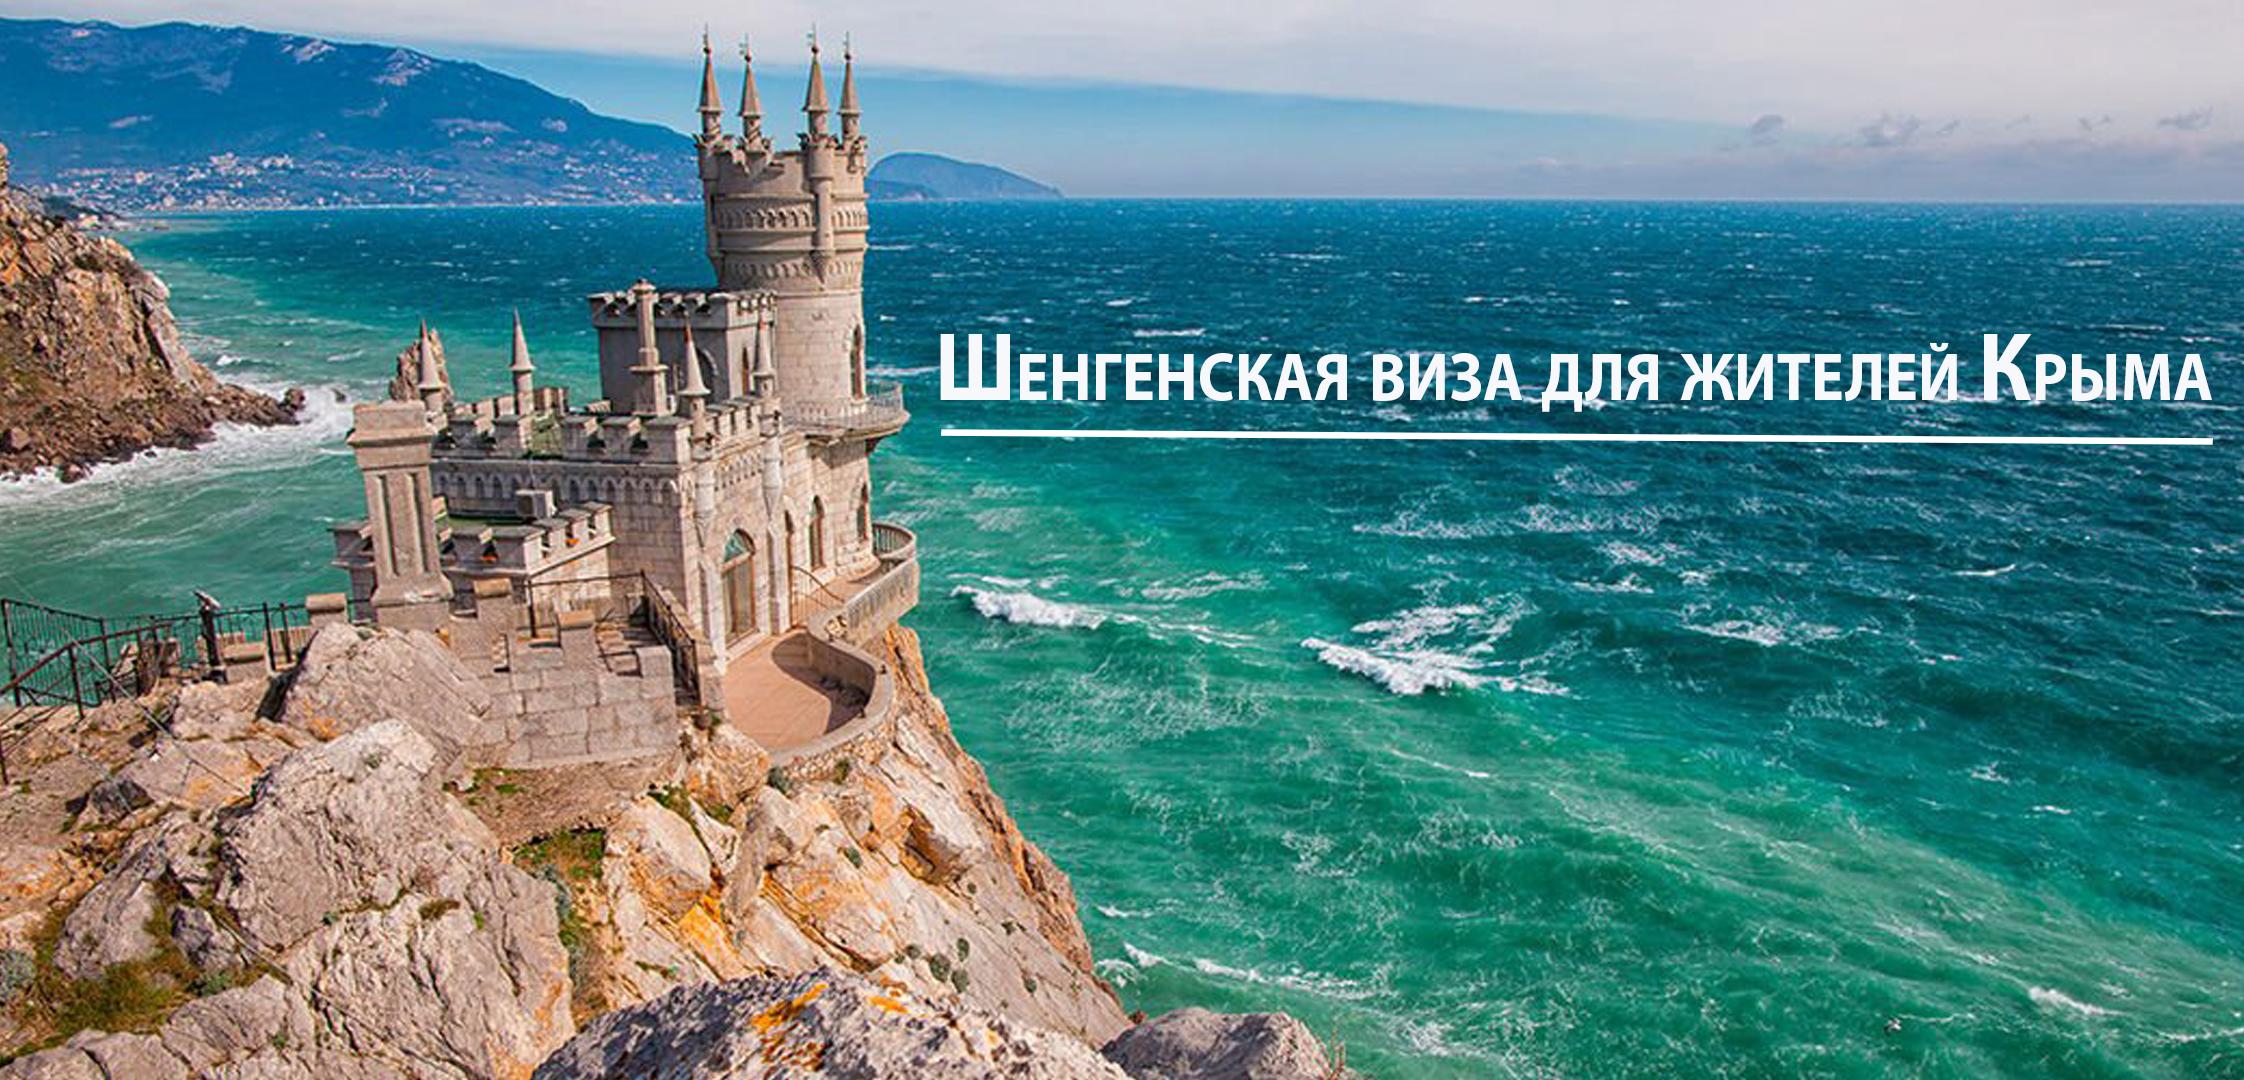 Виза в Шенген для граждан Крыма